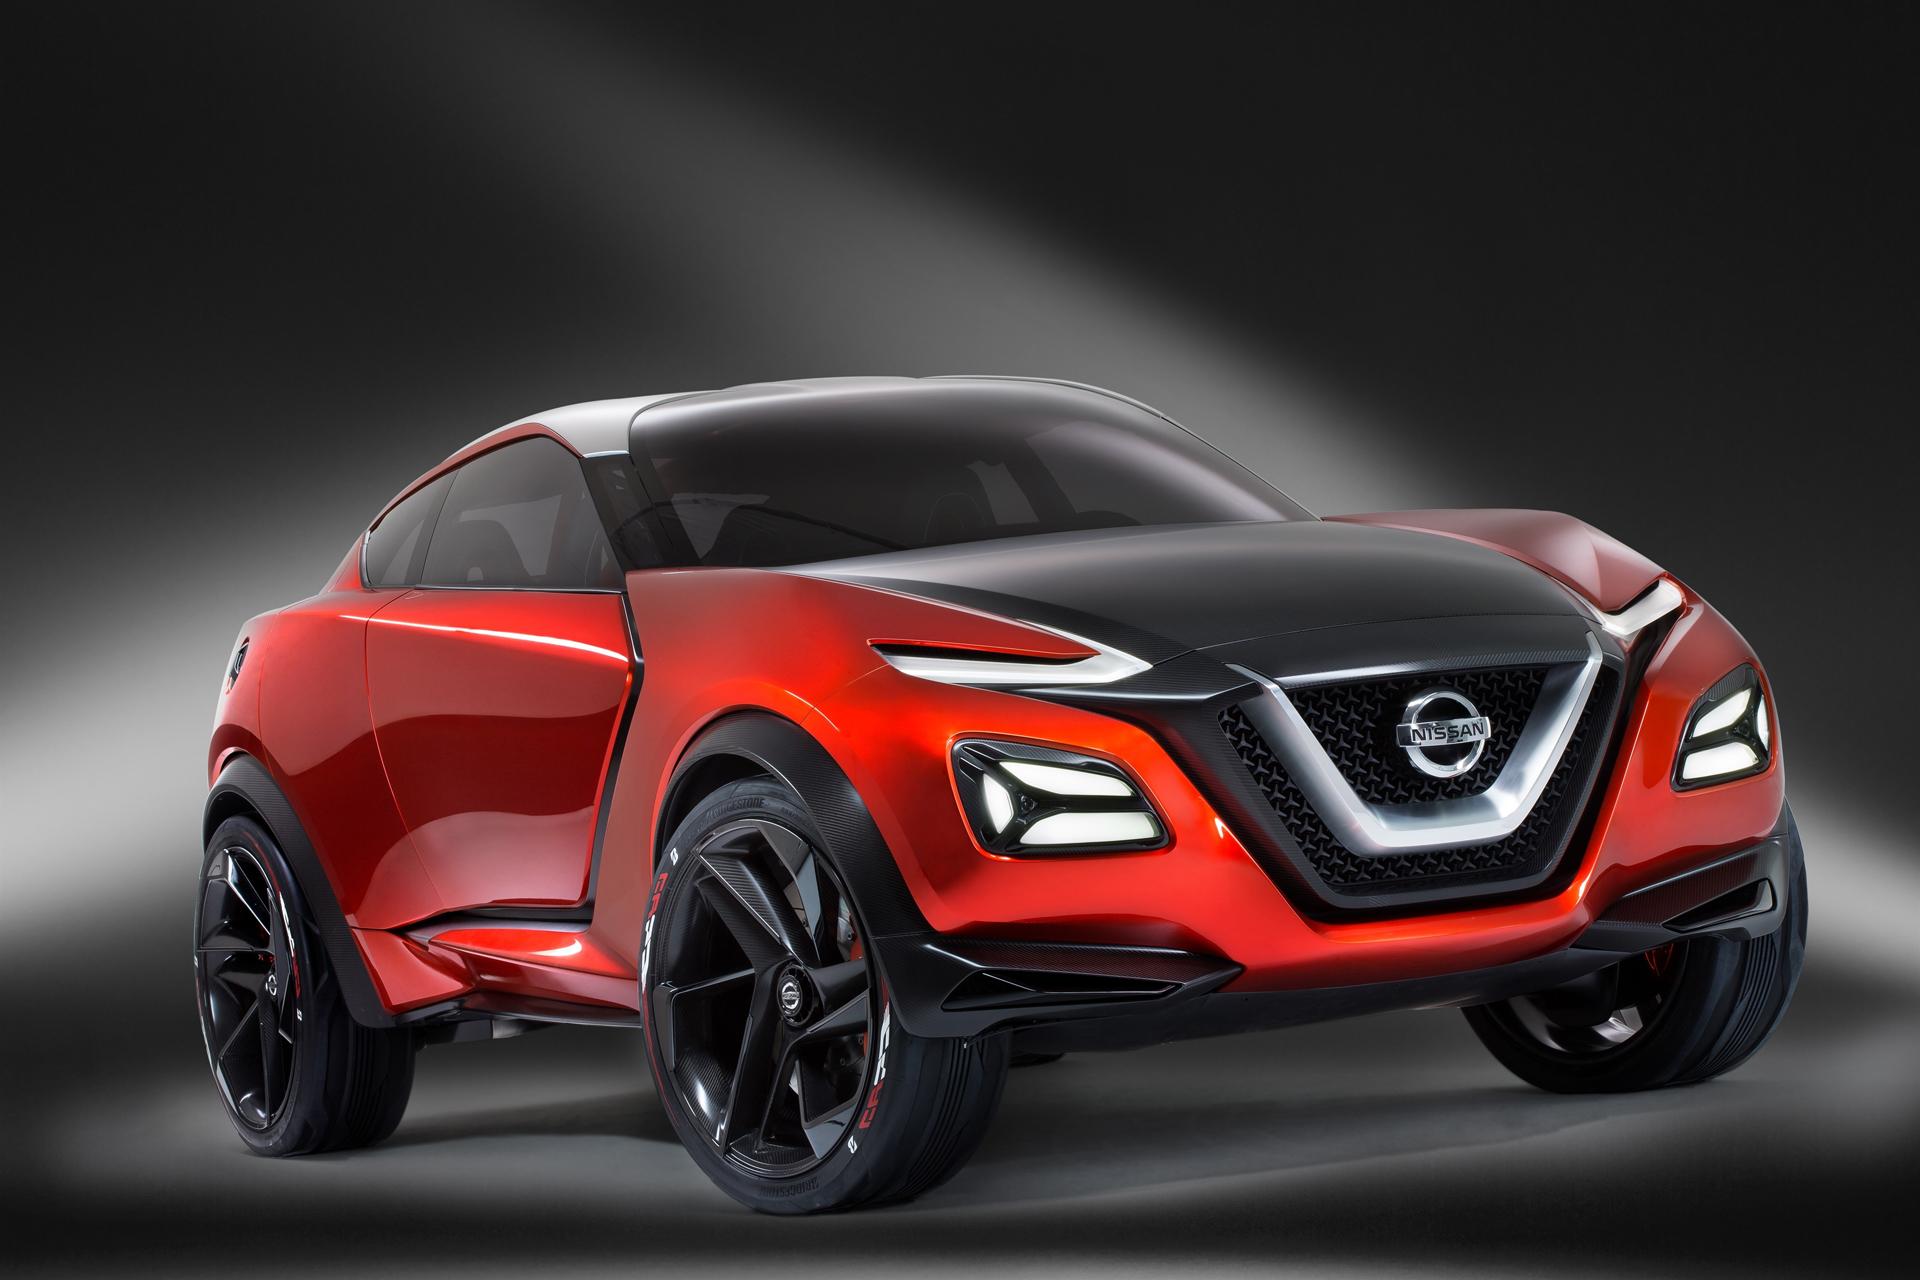 Nissan Juke tendrá nueva plataforma y tren híbrido